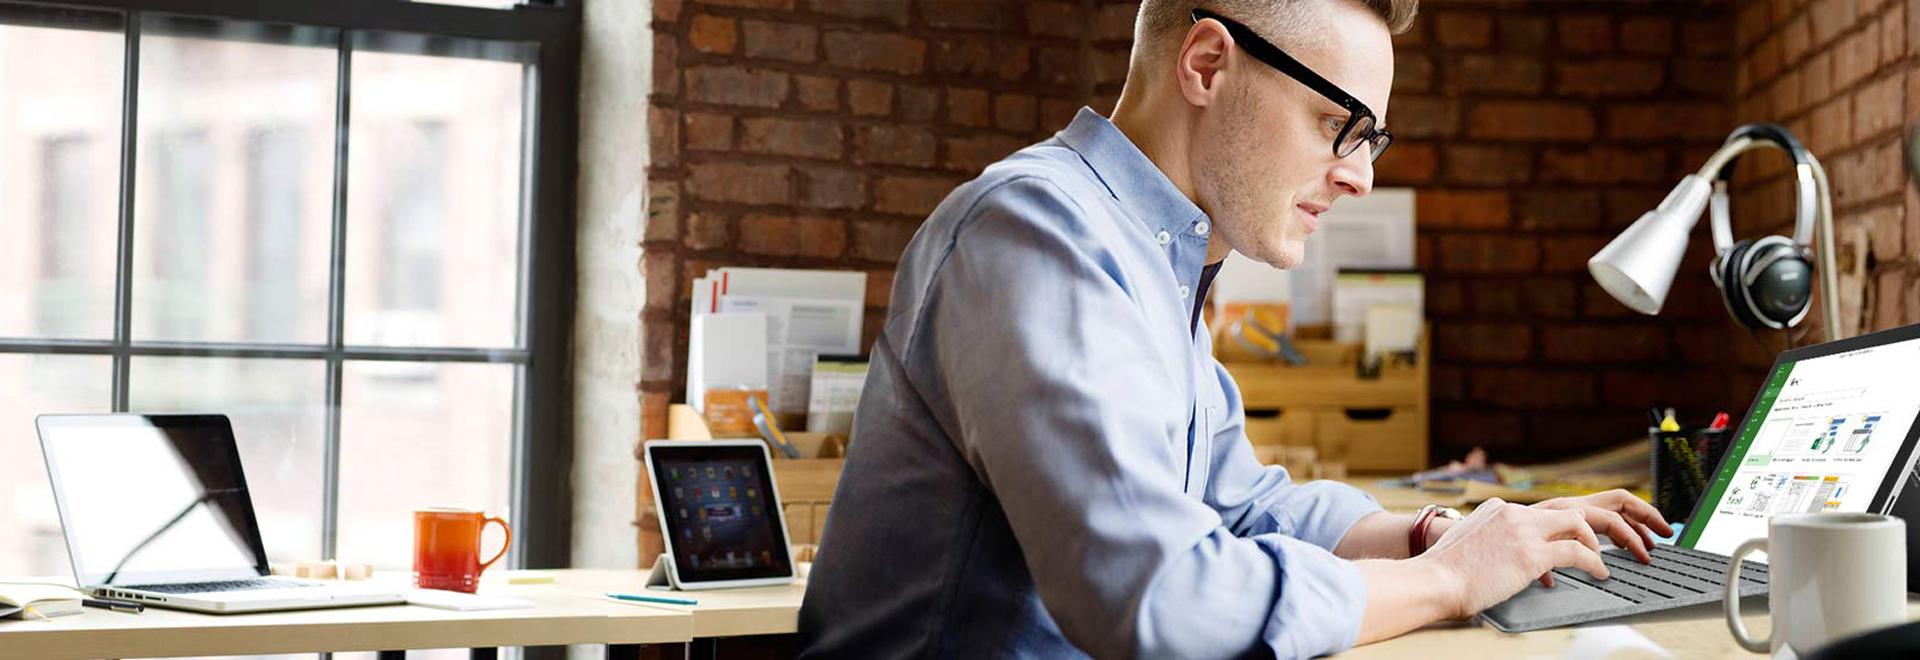 一名男子坐在桌邊,使用 Microsoft Project 在 Surface 平板電腦上工作。